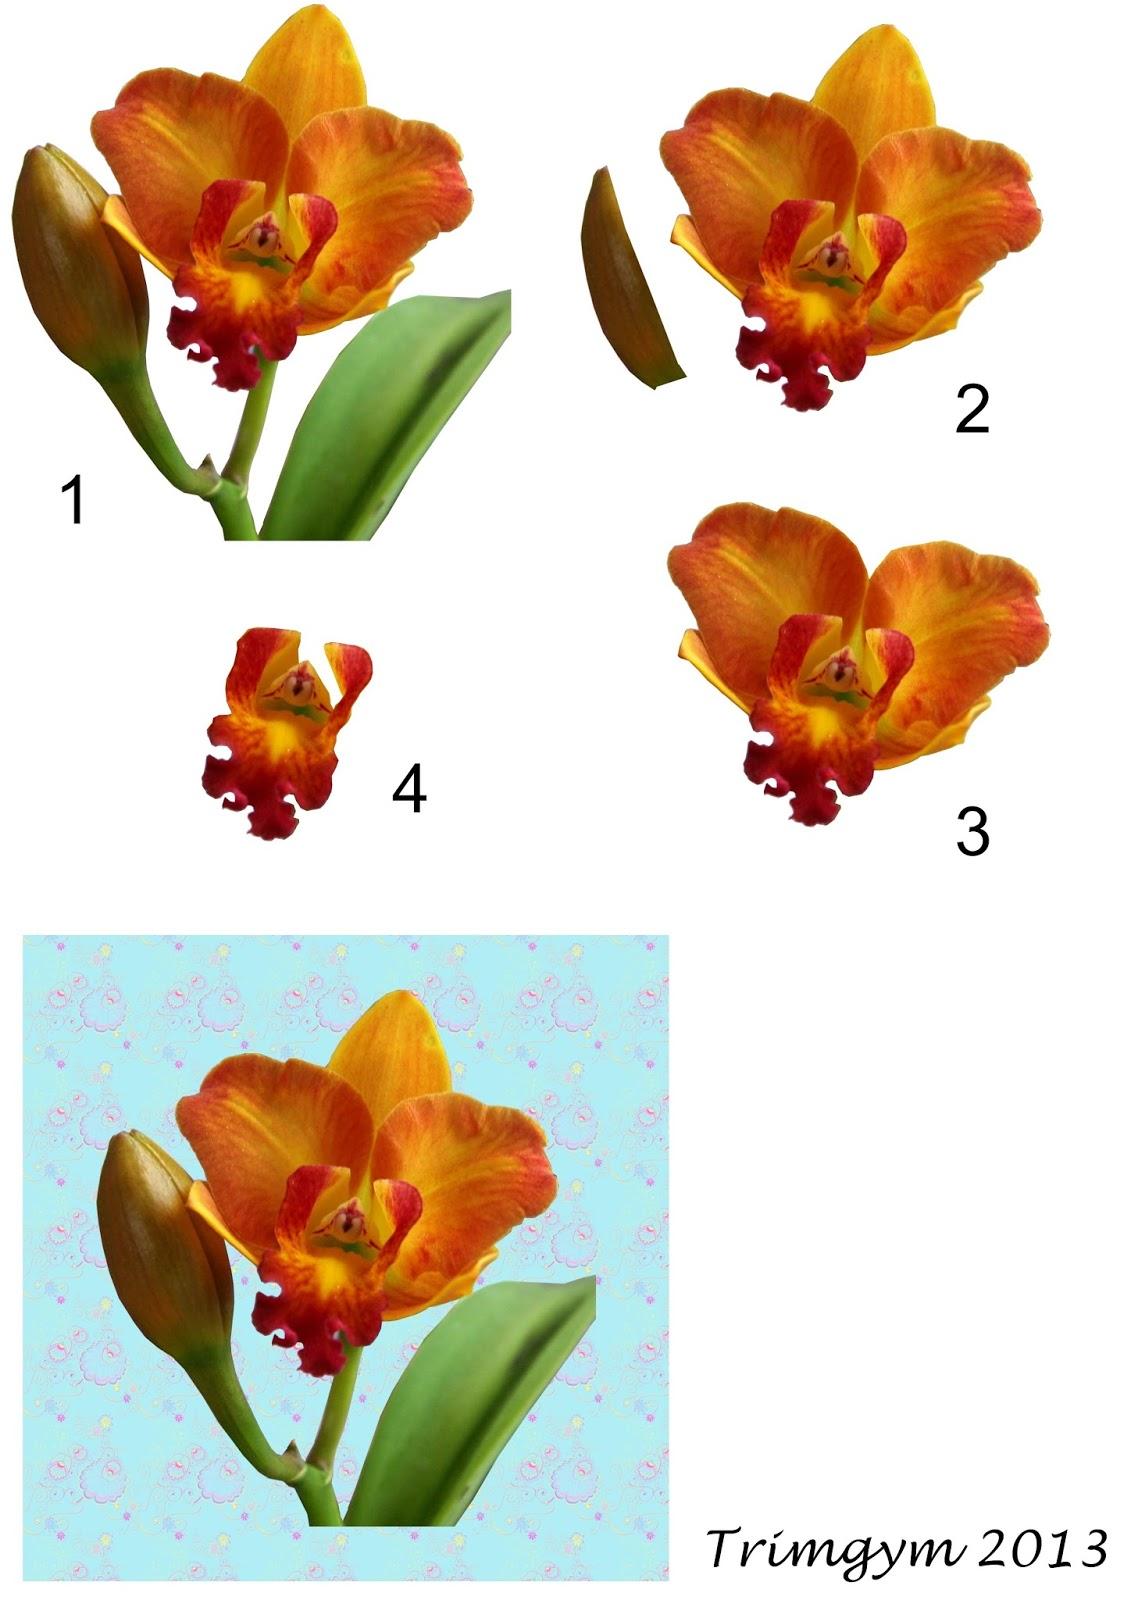 http://4.bp.blogspot.com/-jmfBq6IlJGI/UxIYOTfamsI/AAAAAAAASJc/NM8I-ilznec/s1600/Orchid+decoupage+card+topper+by+Trimgym+1.jpg